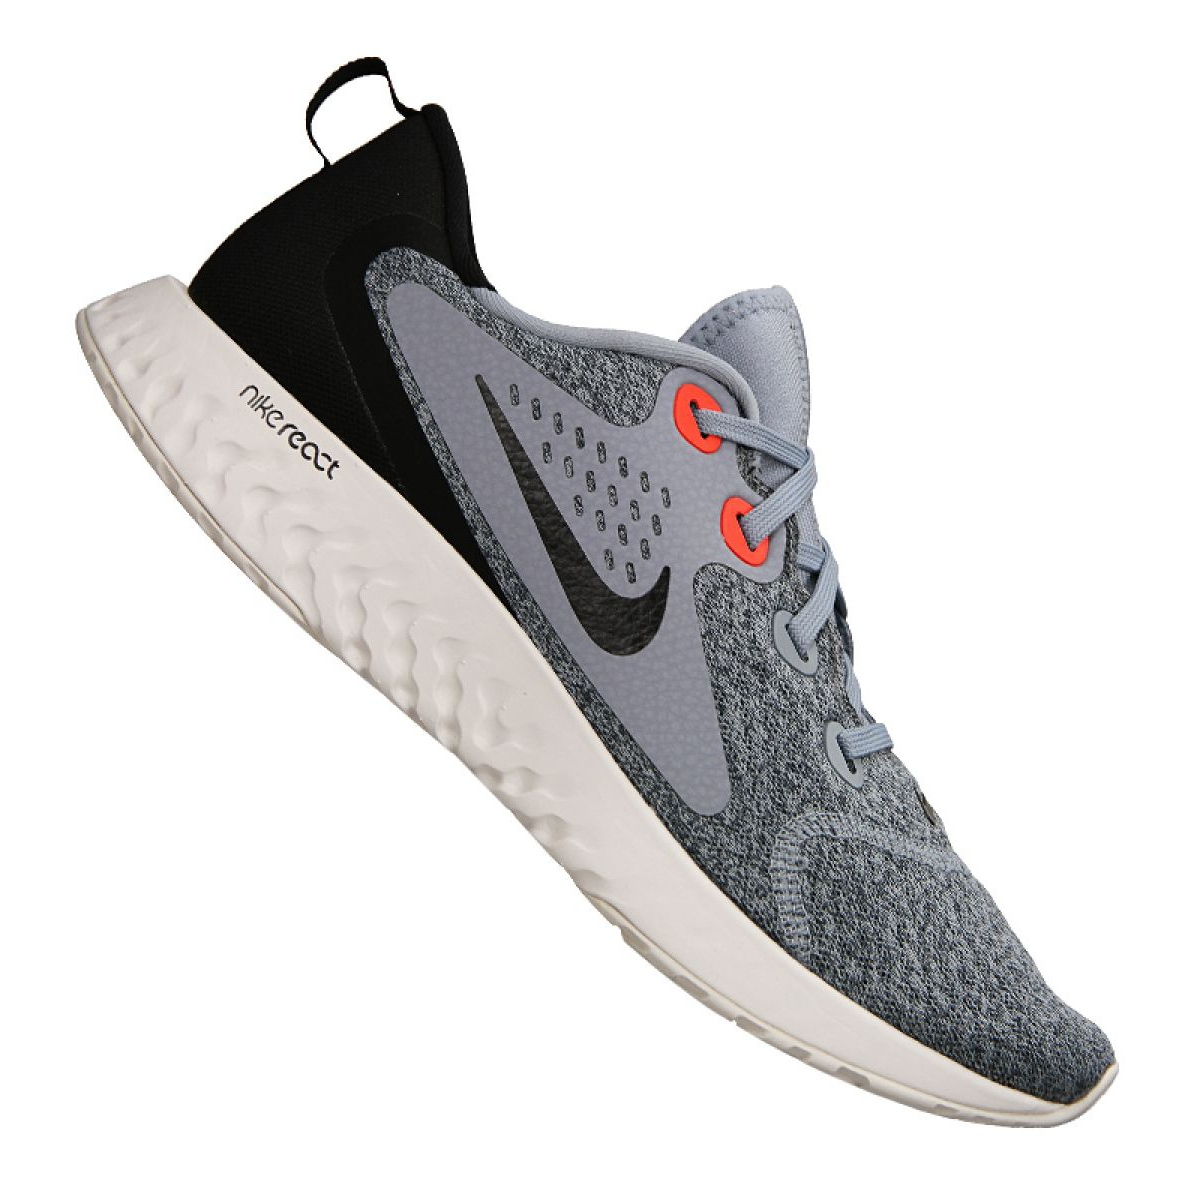 bas prix 4de65 45b54 Chaussures de running Nike Legend React M AA1625-407